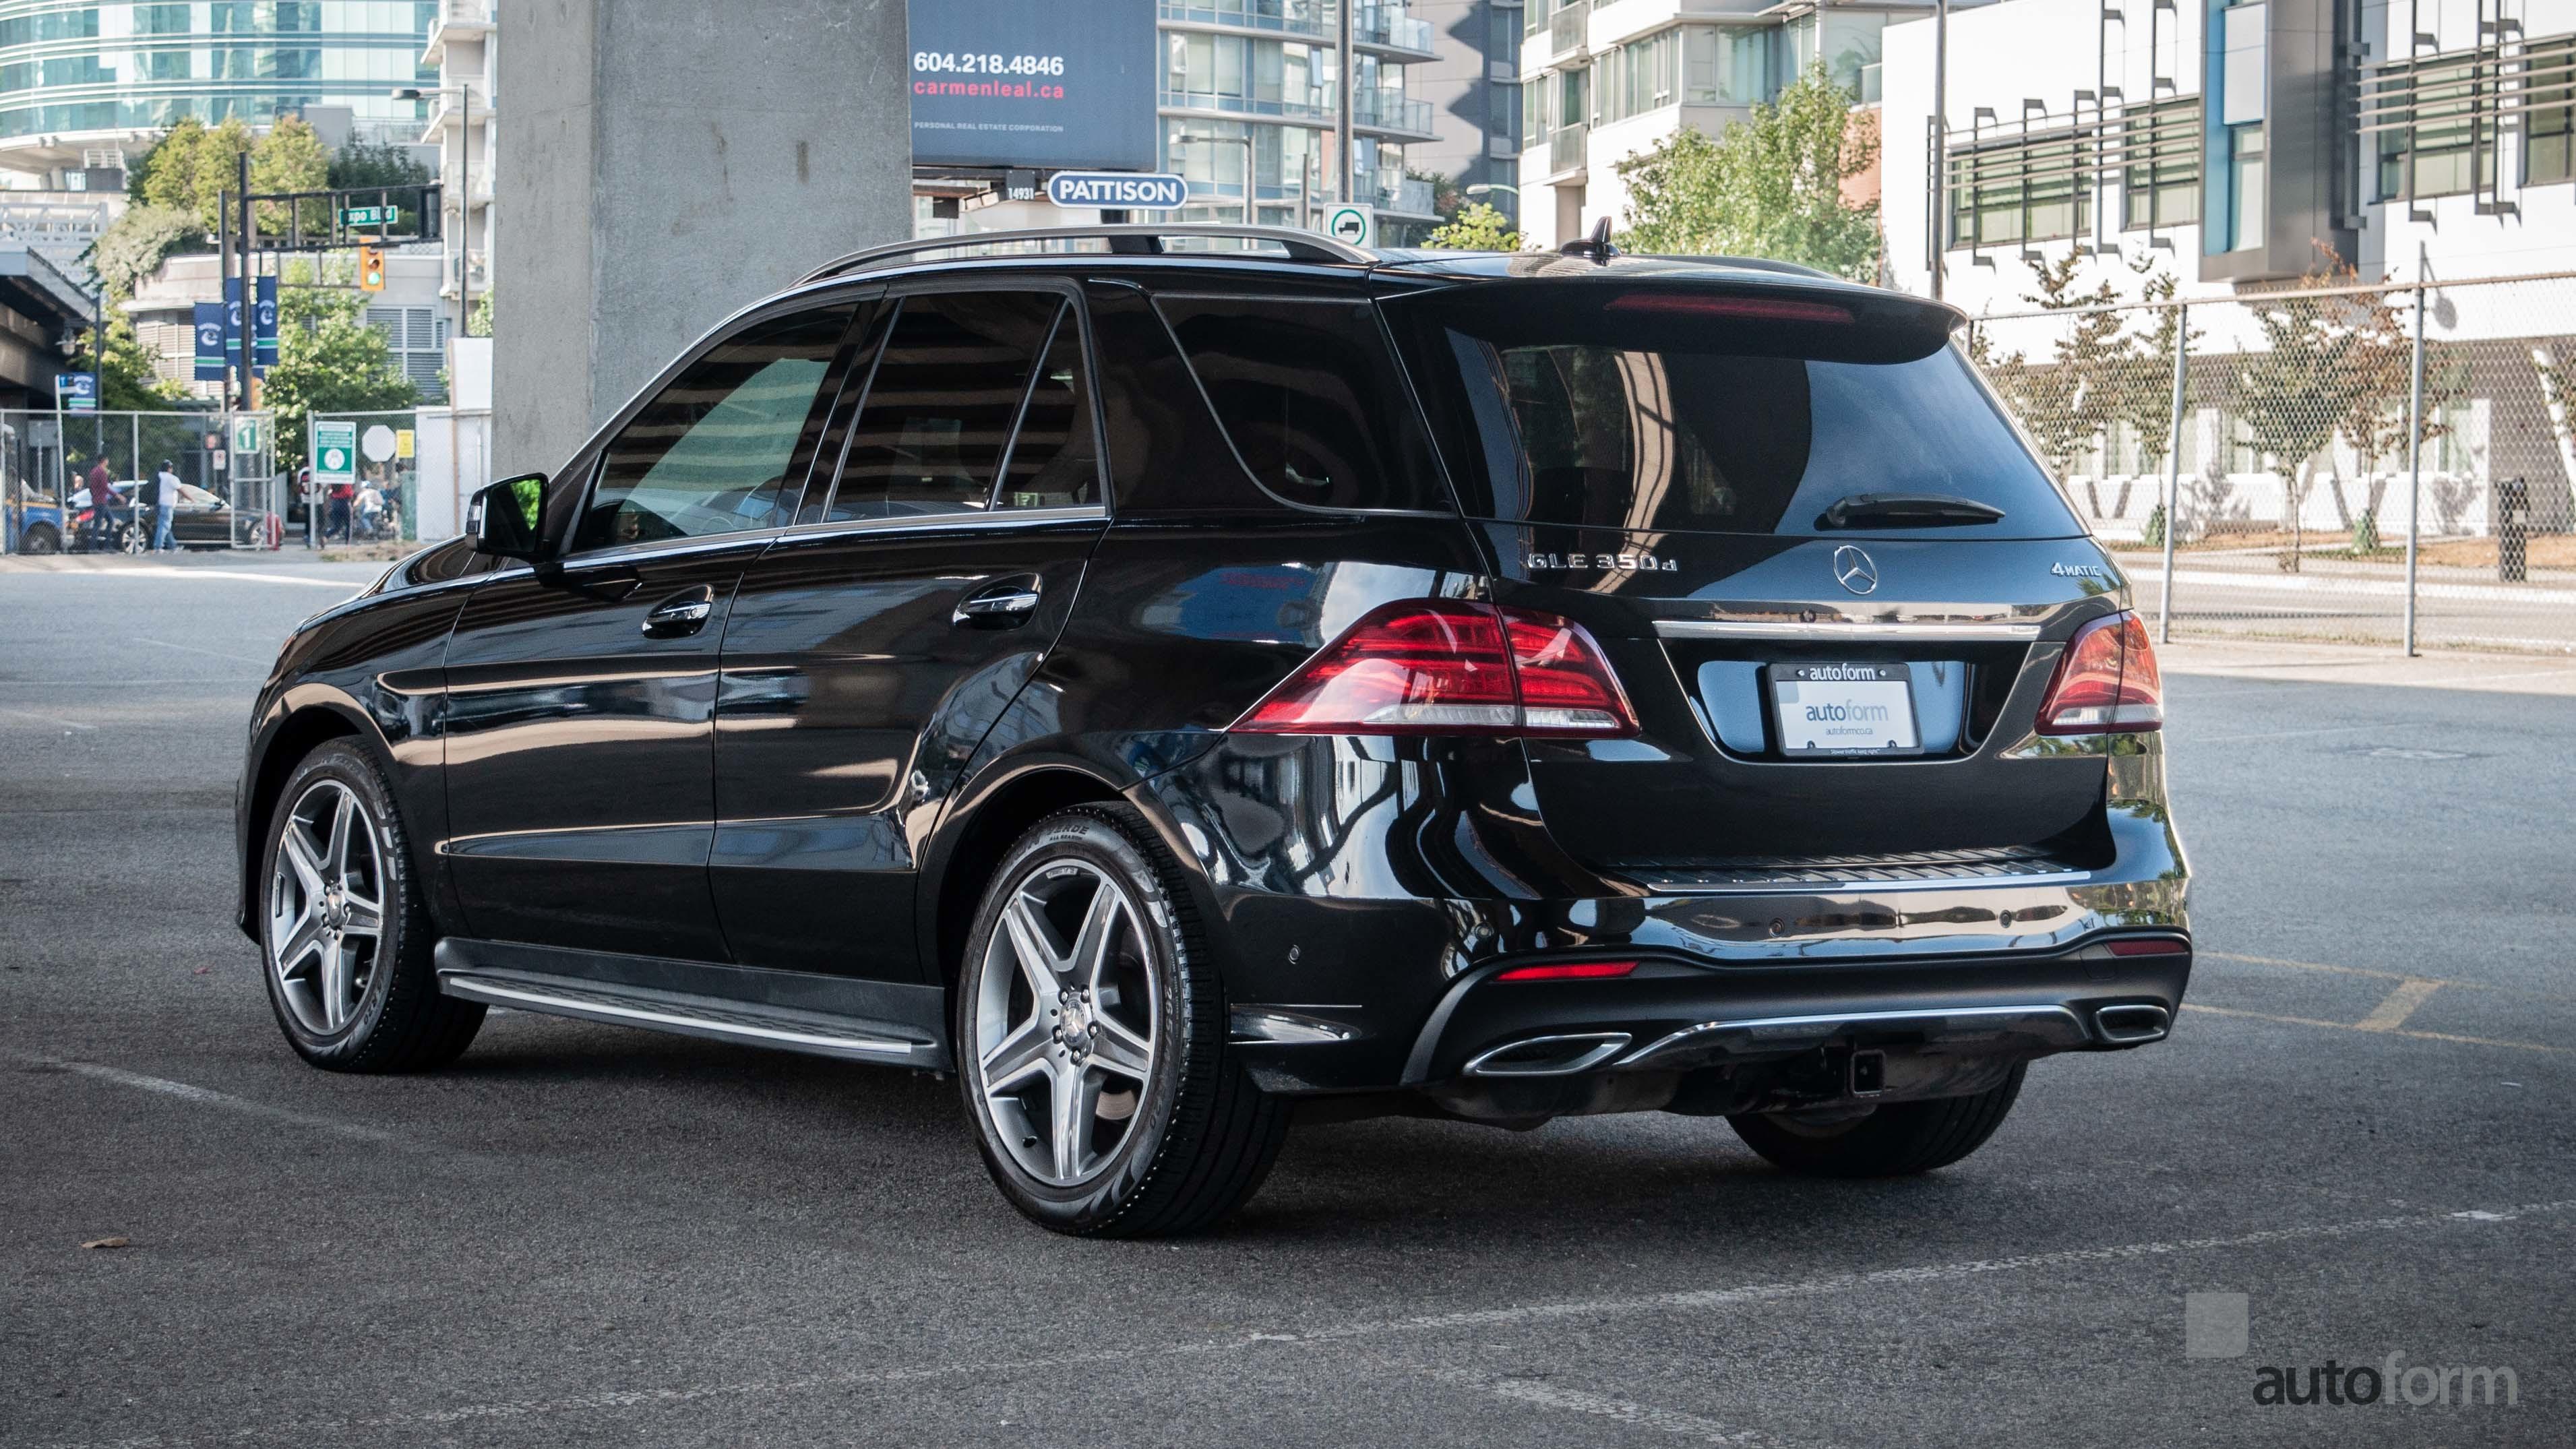 2016 Mercedes Benz Gle 350d 4matic Autoform